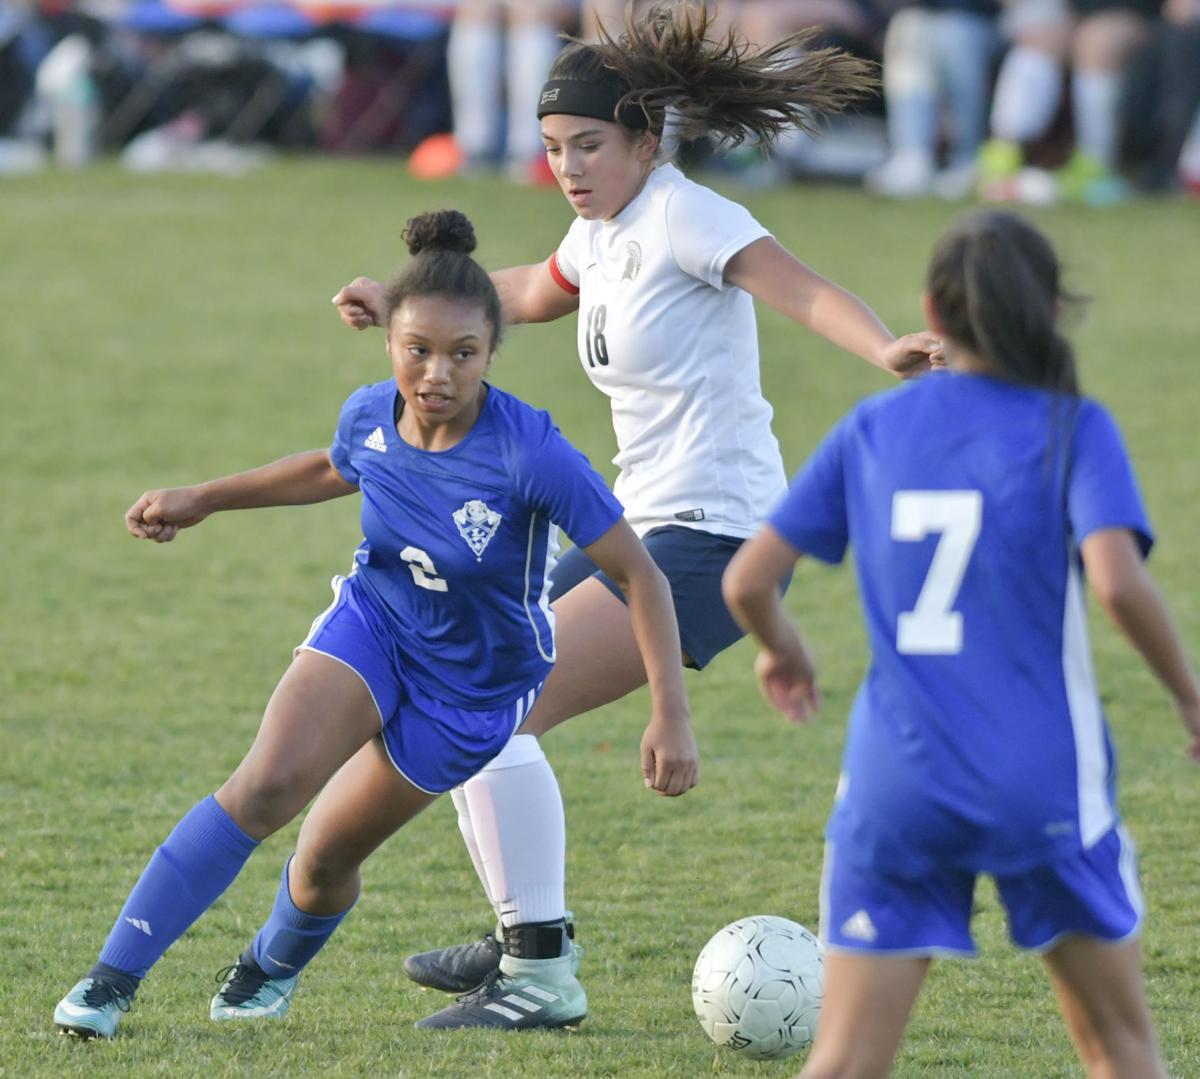 012218 LHS OA g soccer 02.jpg